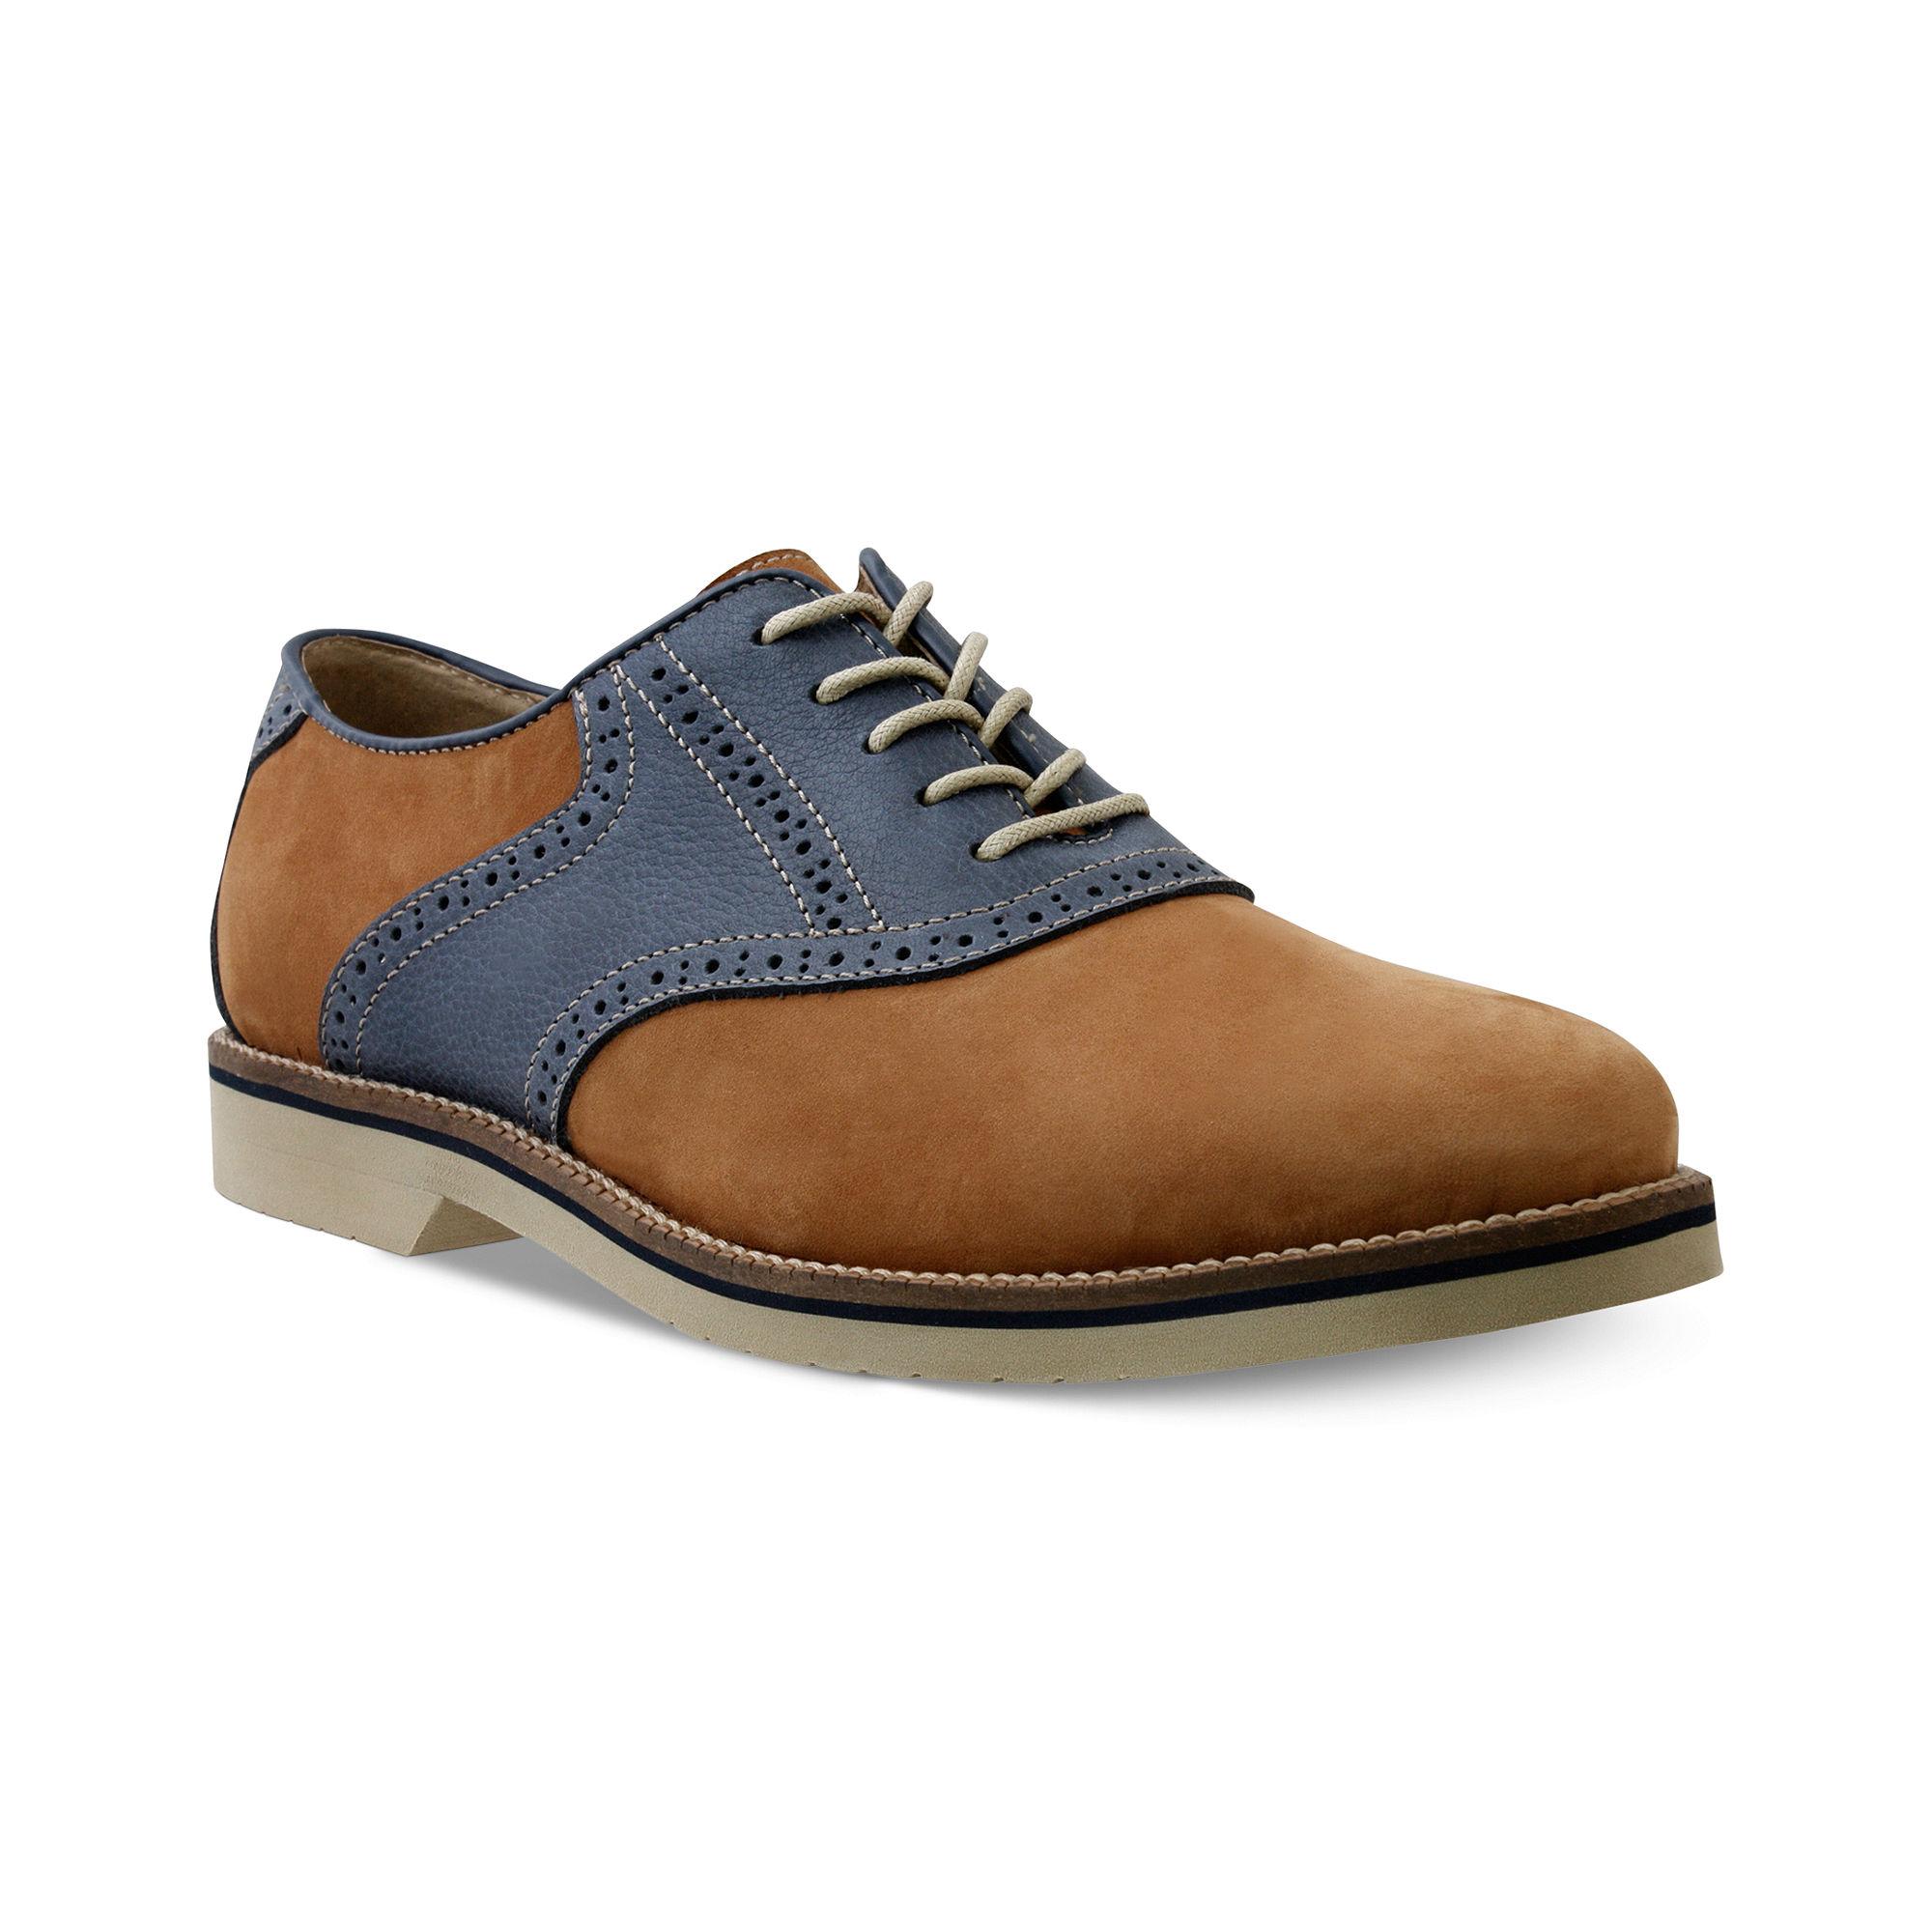 Mens Bass Burlington Saddle Oxford Shoes